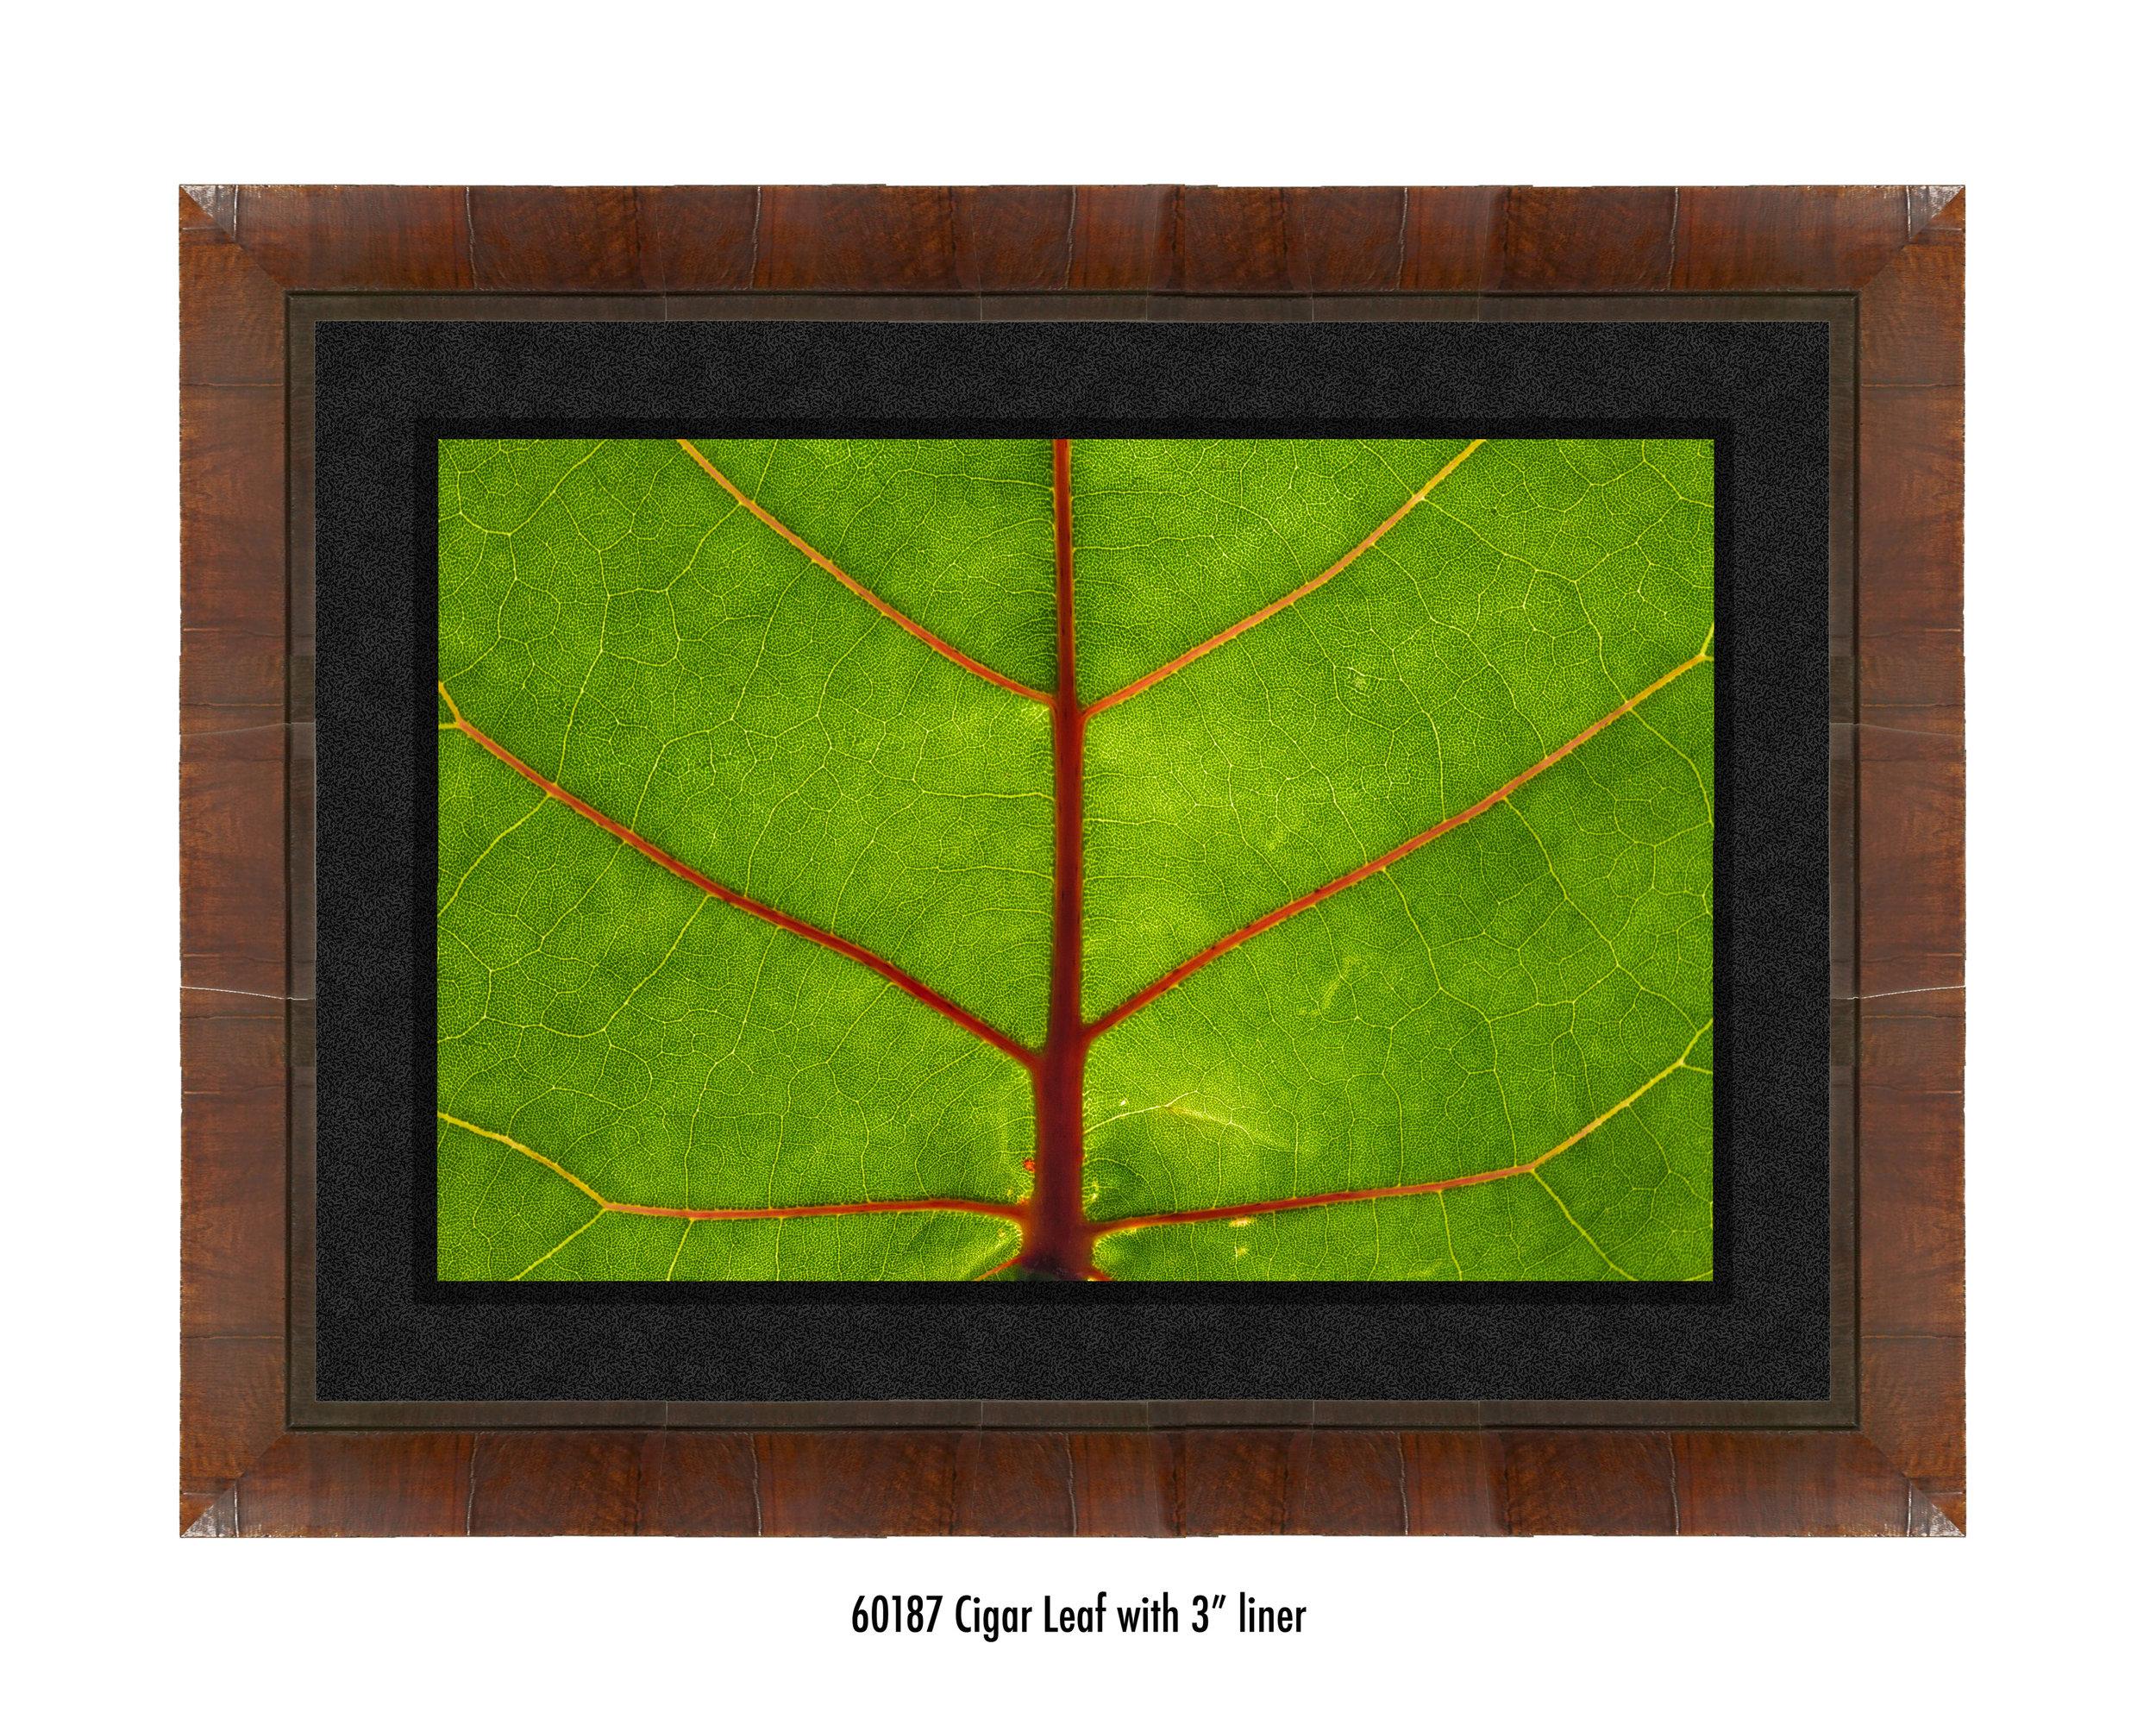 Leaf-60187-3-blk.jpg